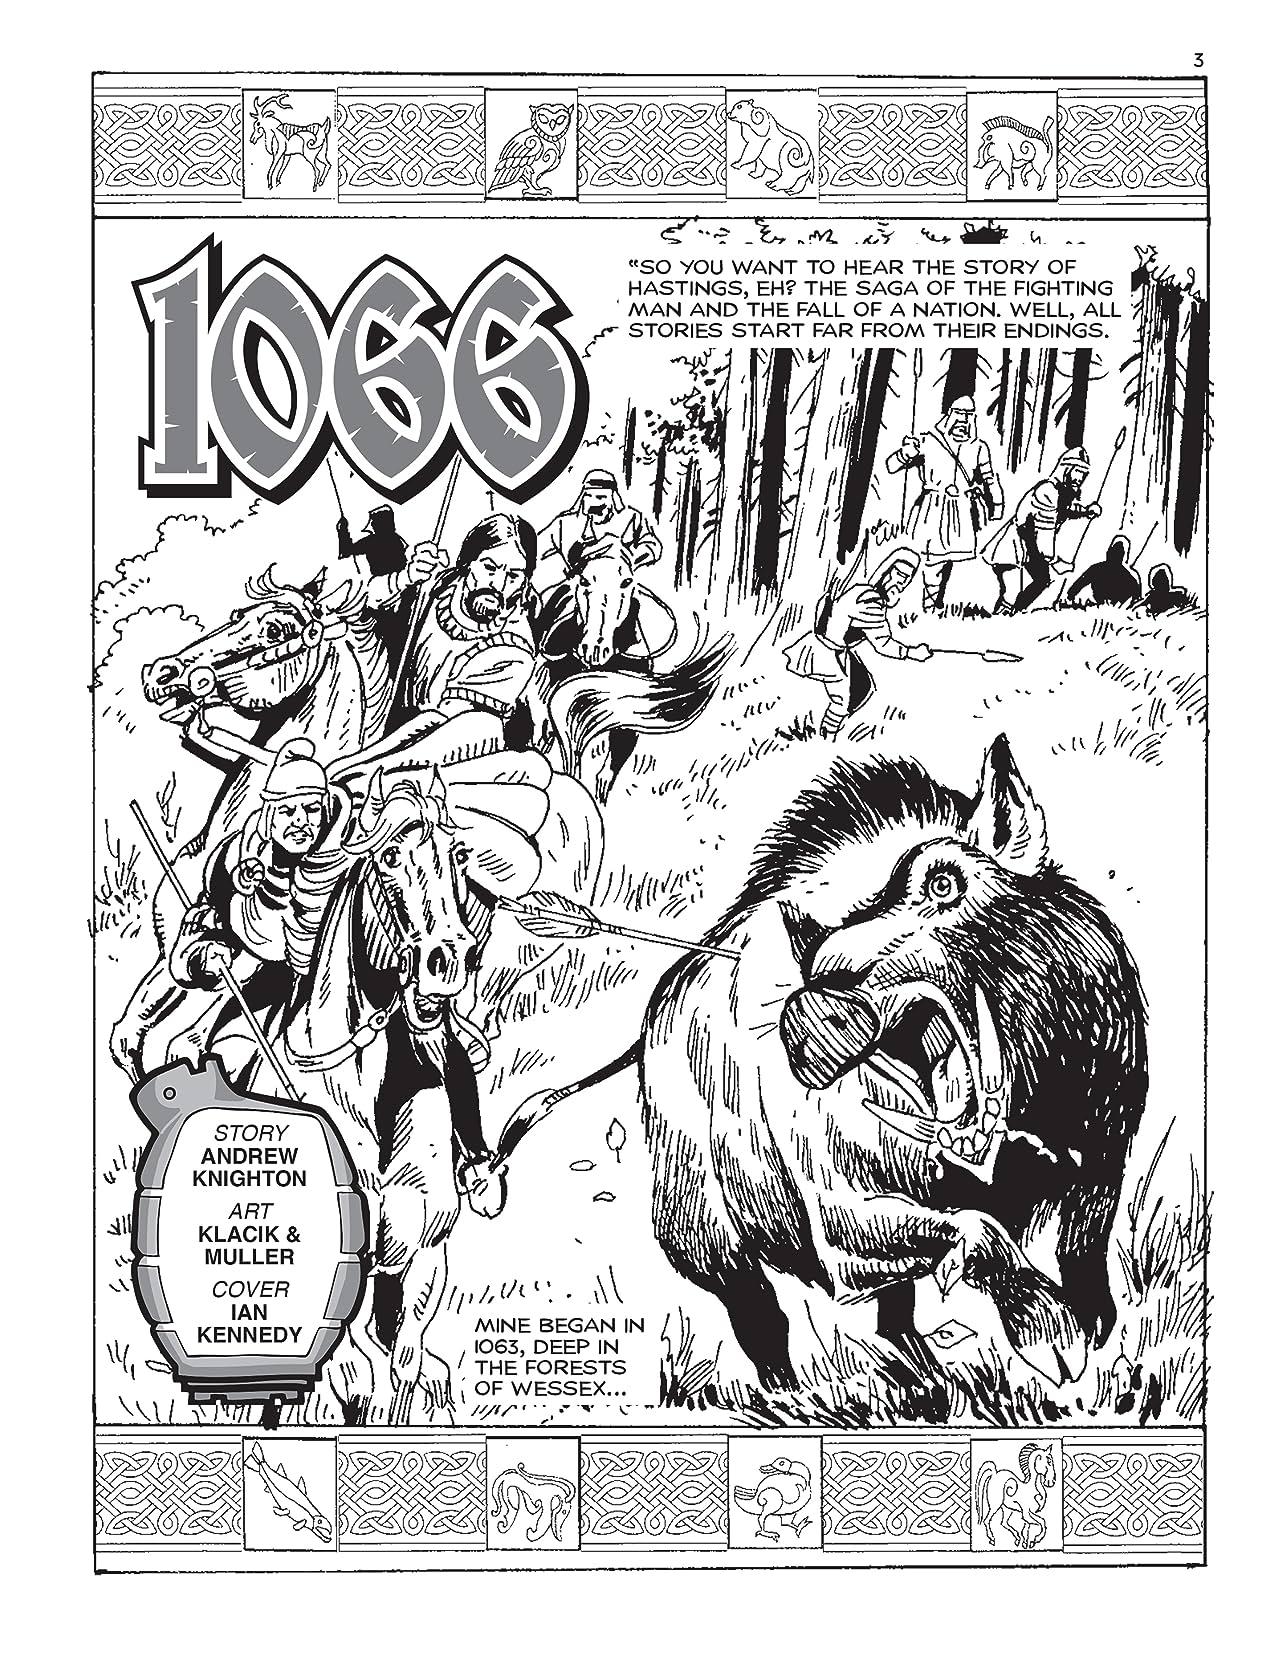 Commando #5301: 1066